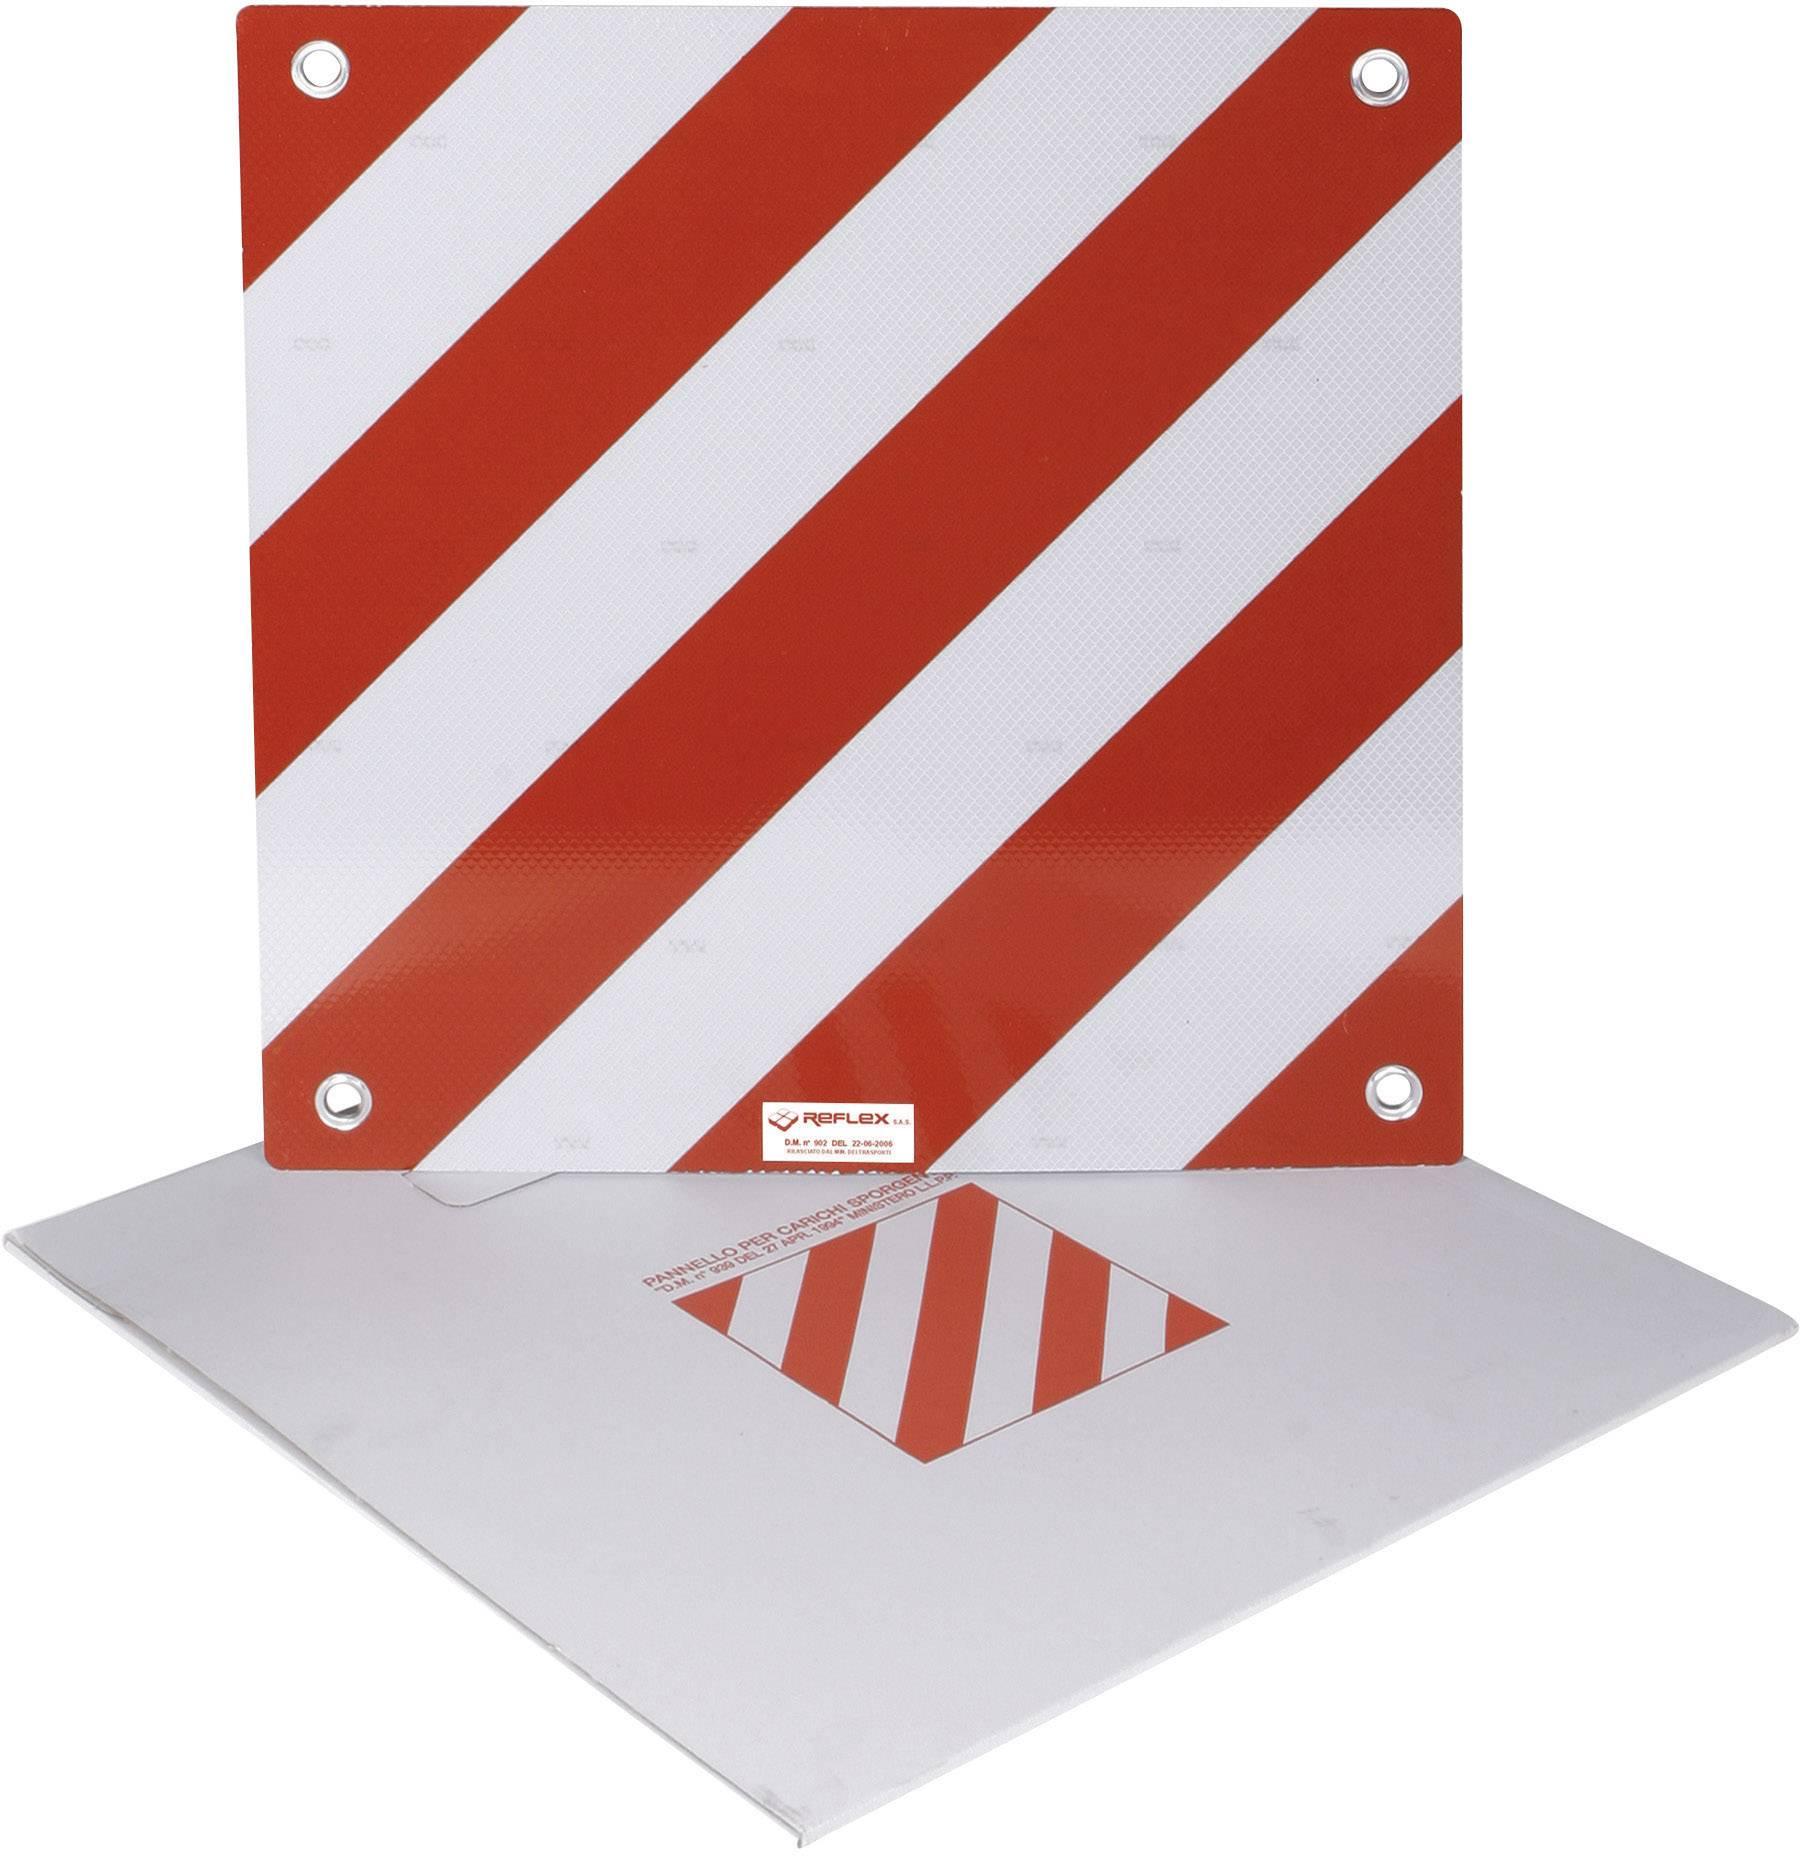 Výstražné značení, 97606, 500 x 500 mm